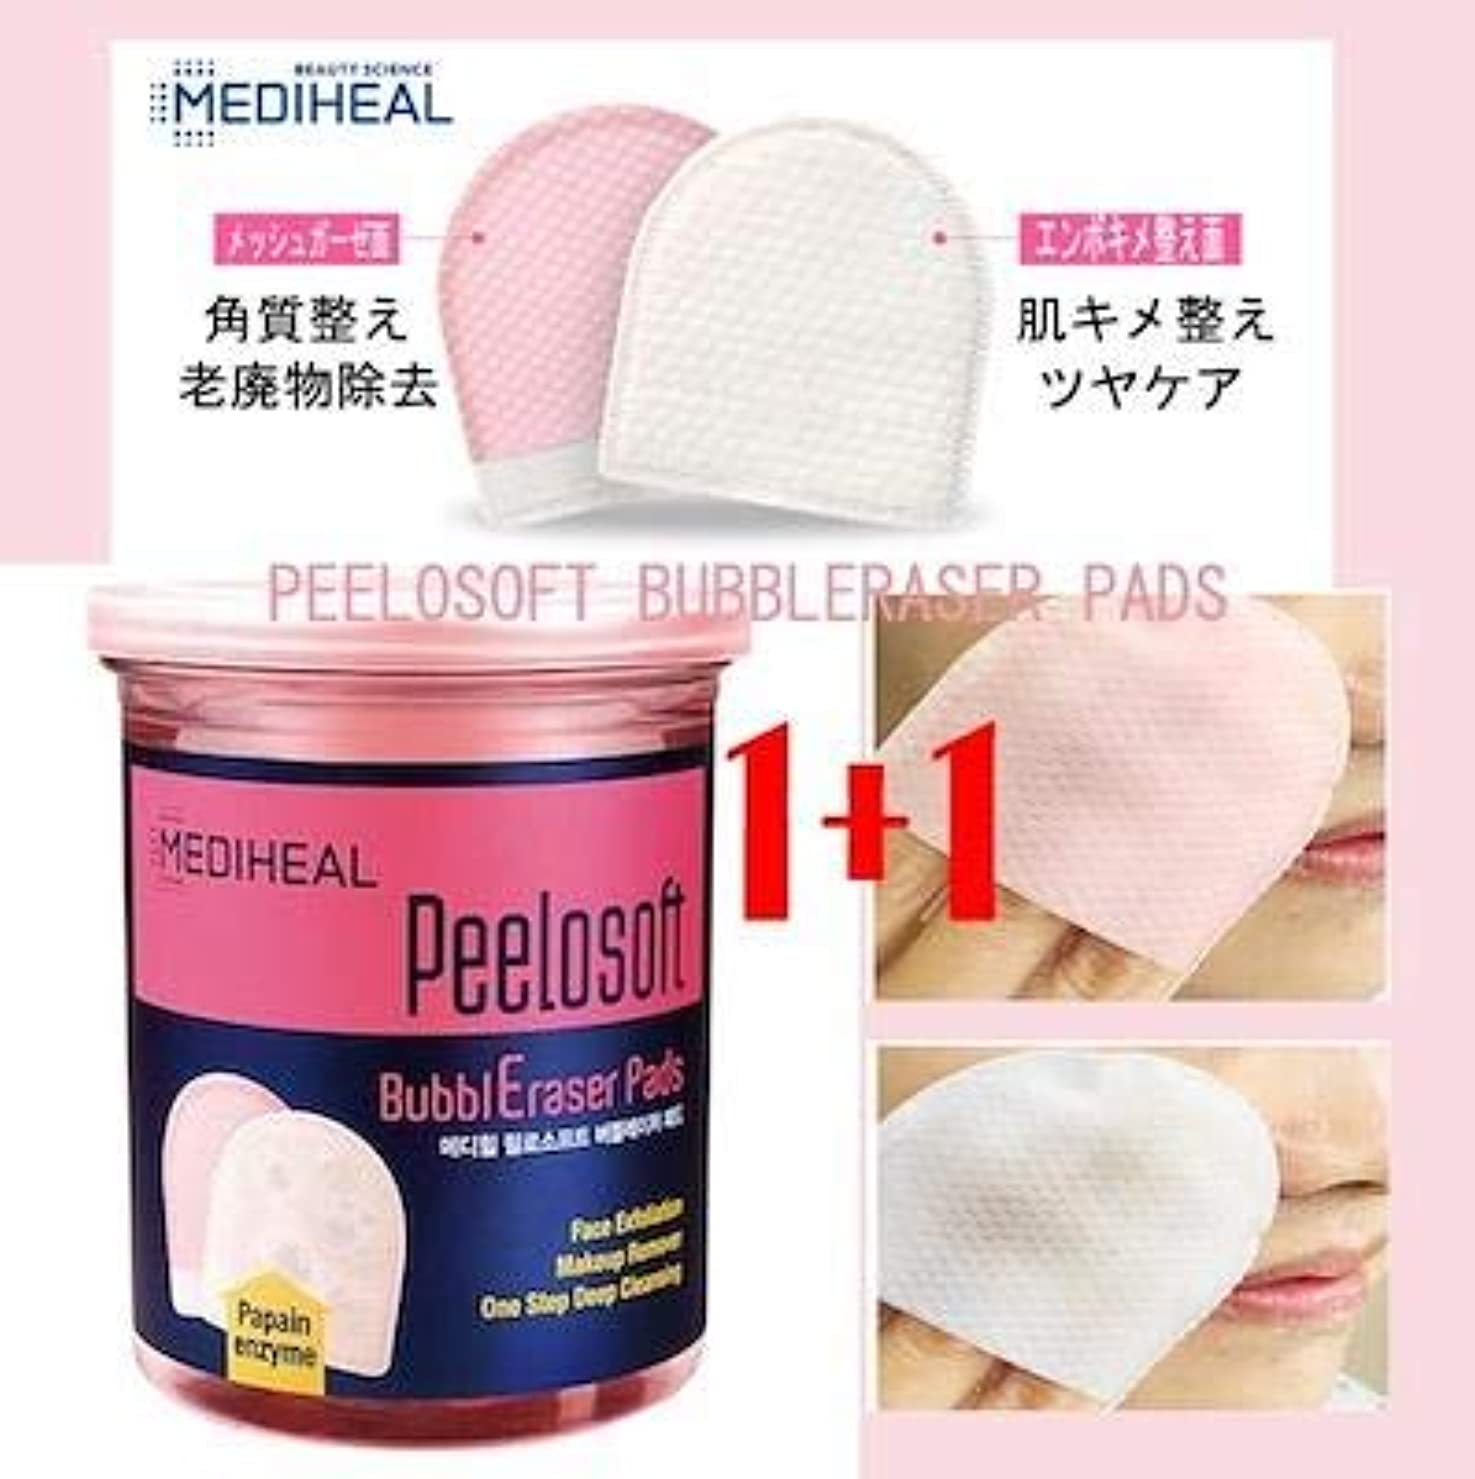 旅行者不正確計算可能[MEDIHEAL] 1+1 メディヒール Peelosoft BubblEraser Pads ピローソフト バブルレーザー パッド [20枚+ 20枚]